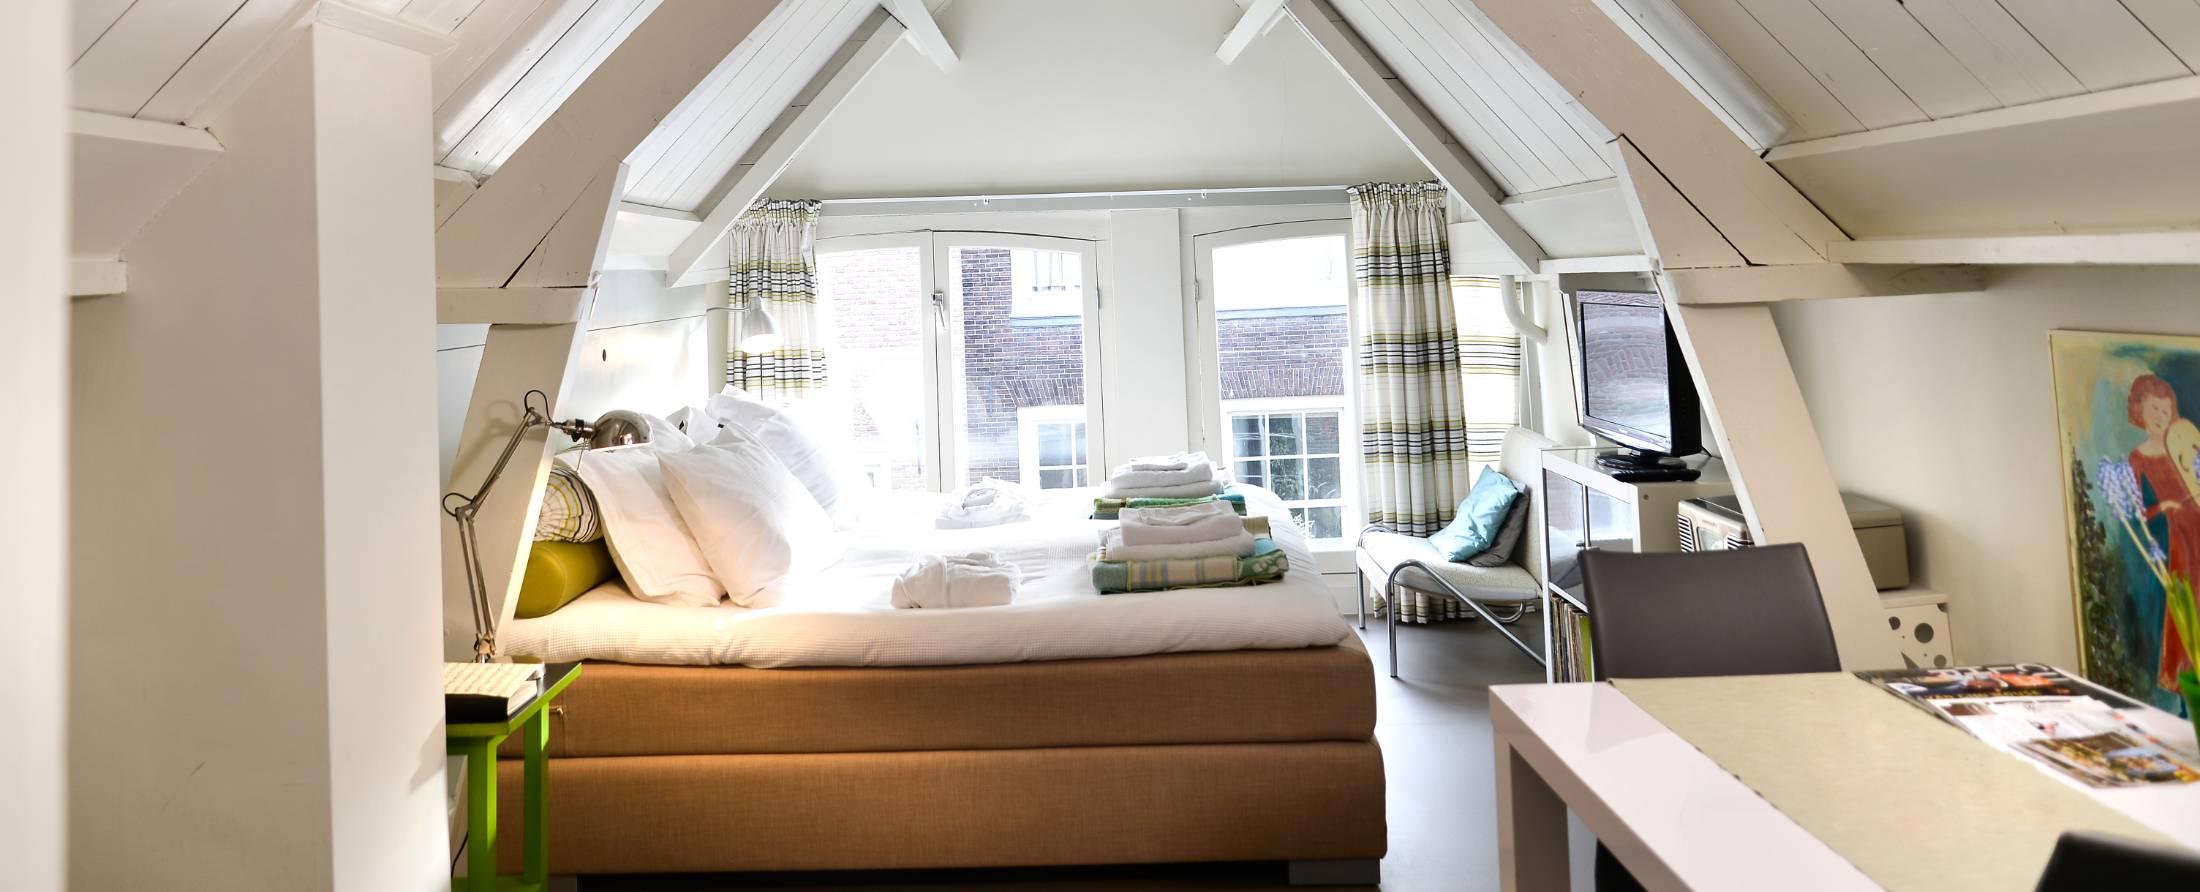 kamer 2 midzomernachtdroom Bed en breakfast De luthiers Dordrecht